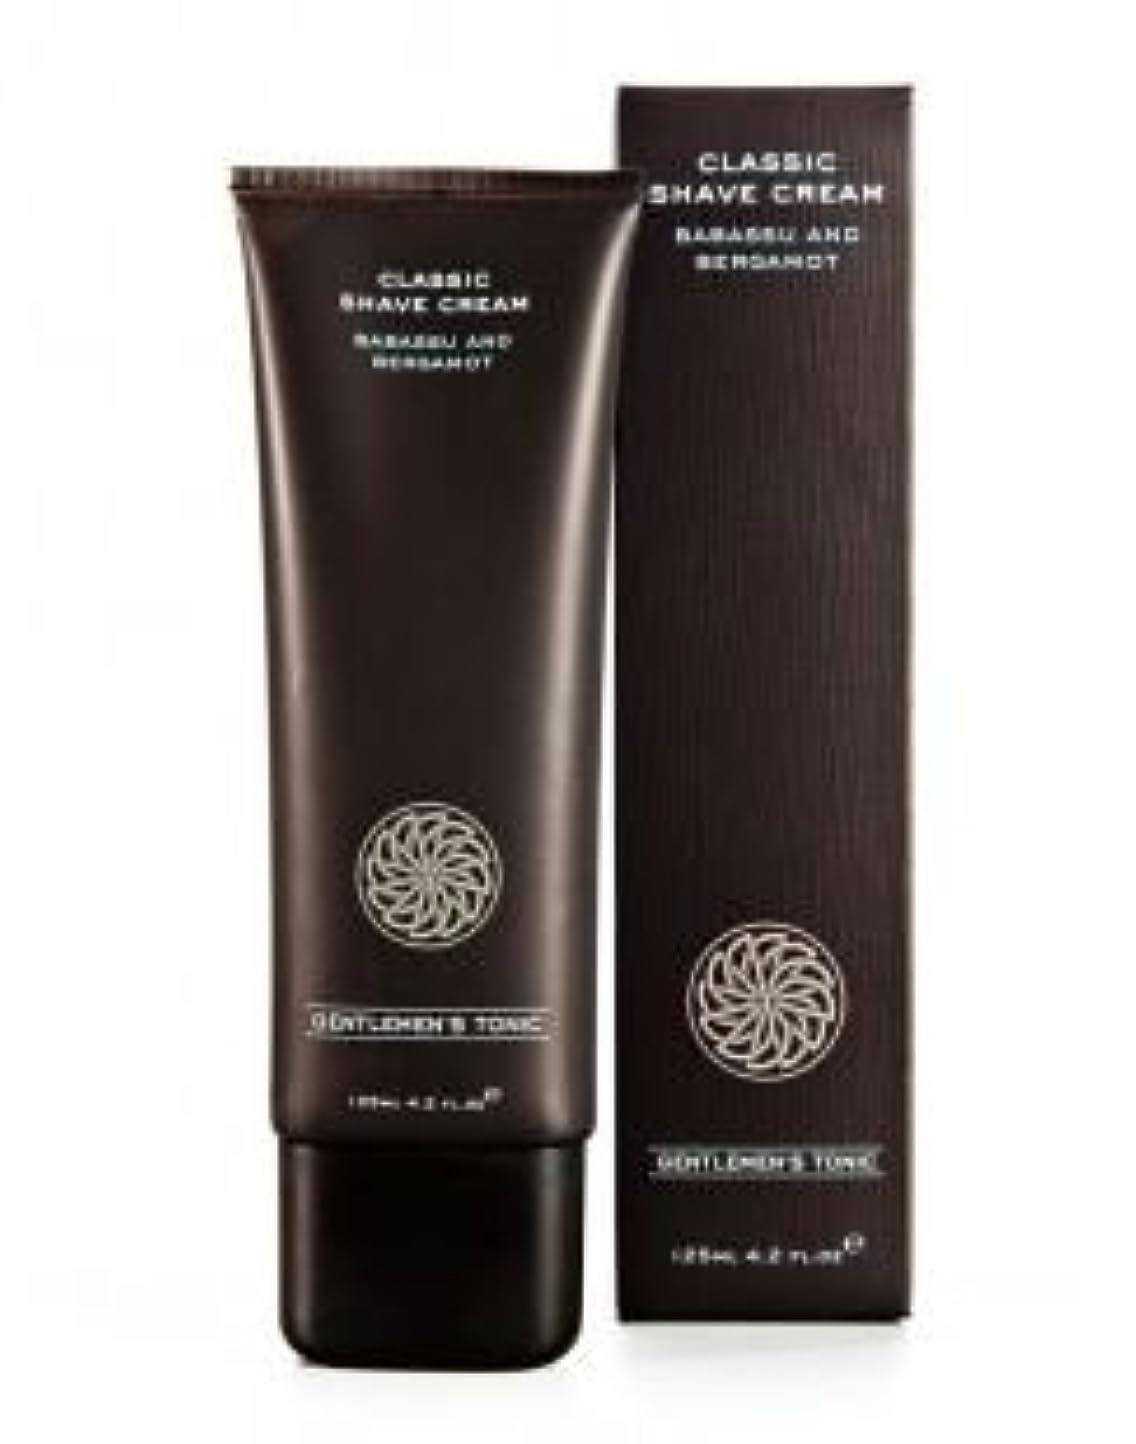 始めるいつ合理化Gentlemen's Tonic ジェントルメンズトニック Classic Shave Cream (クラシックシェーブクリーム) 125ml